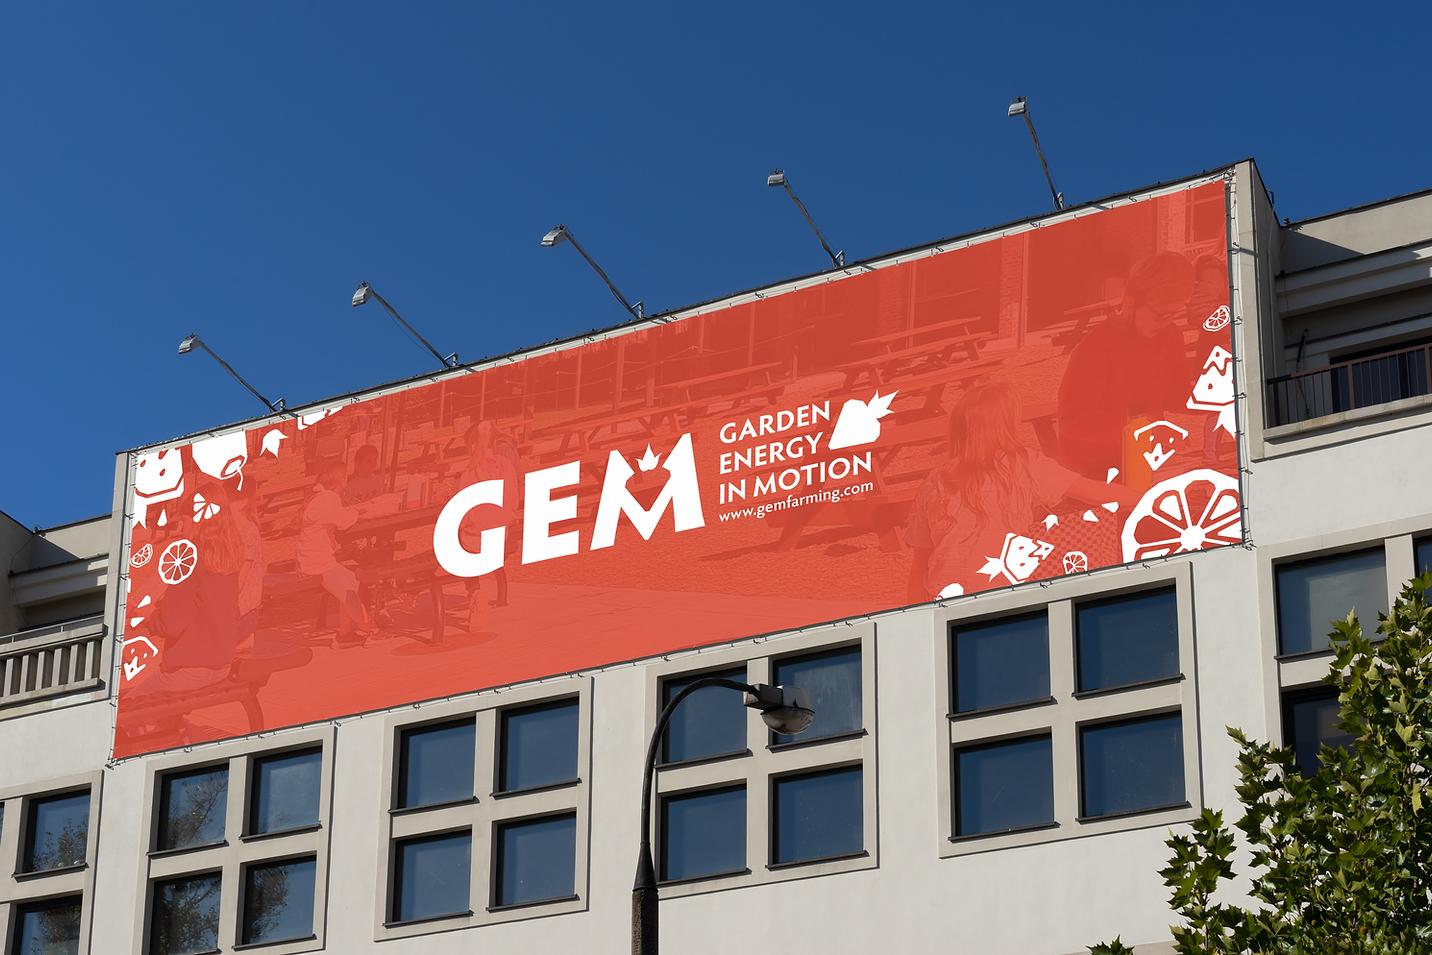 gem_billboard.png